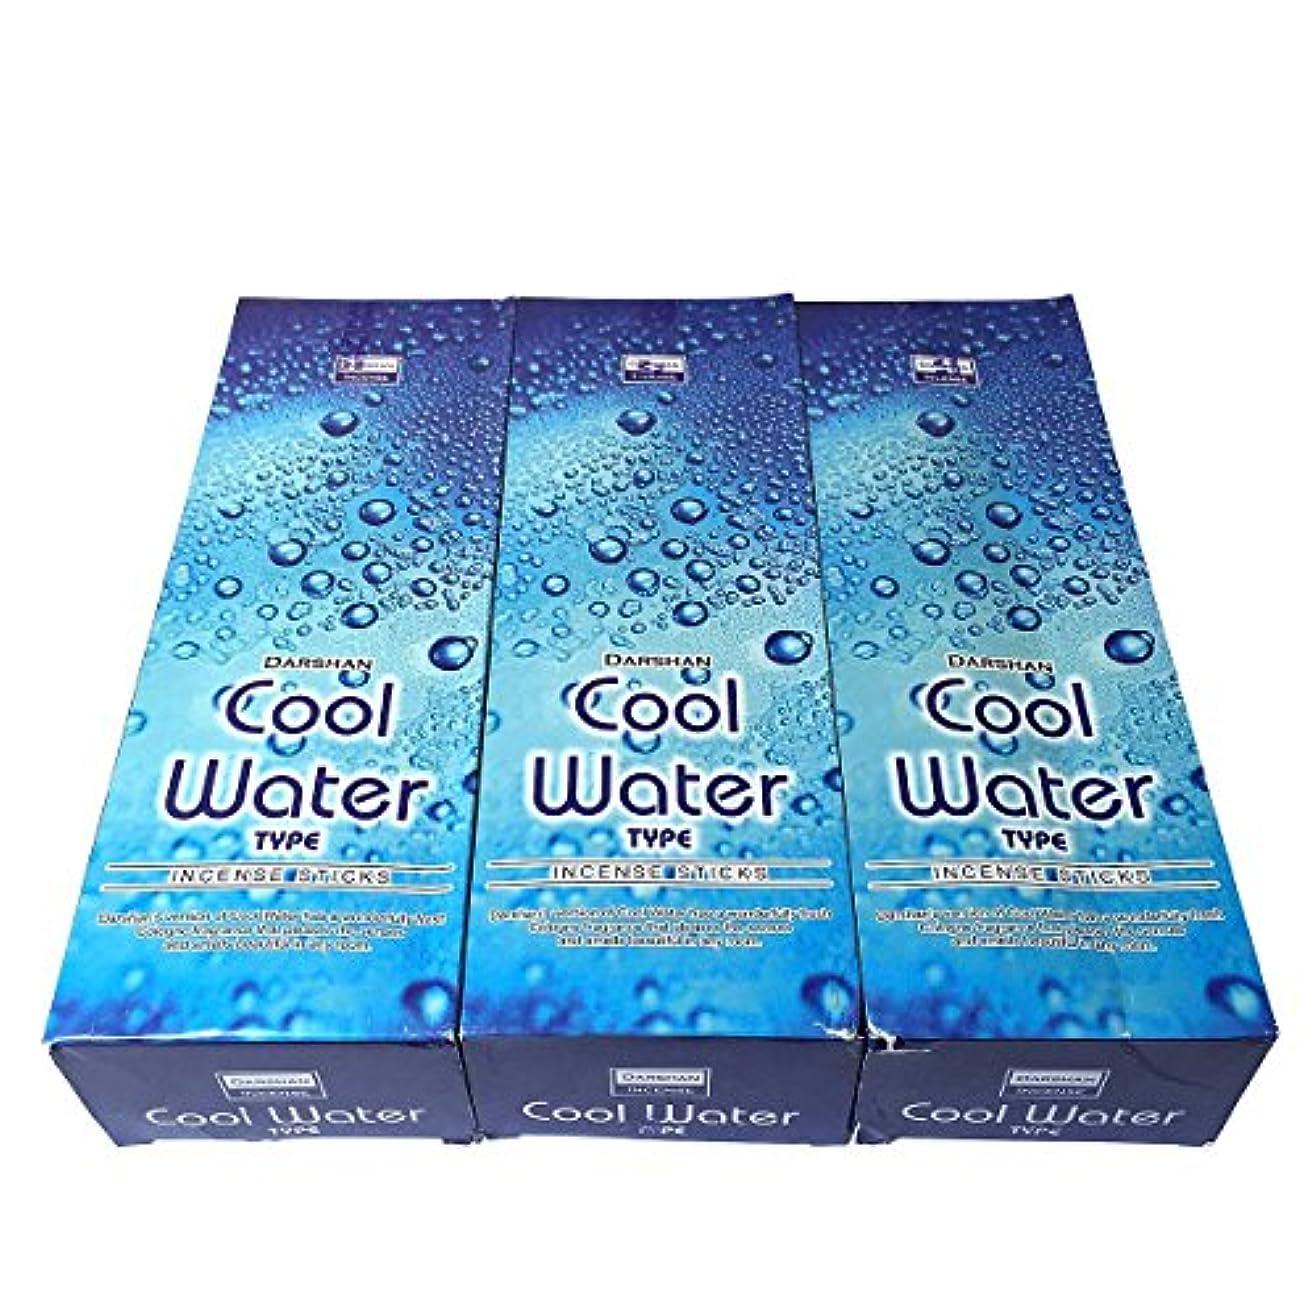 原理マネージャー確認してくださいクールウォーター香スティック 3BOX(18箱) /DARSHAN COOL WATER/インセンス/インド香 お香 [並行輸入品]